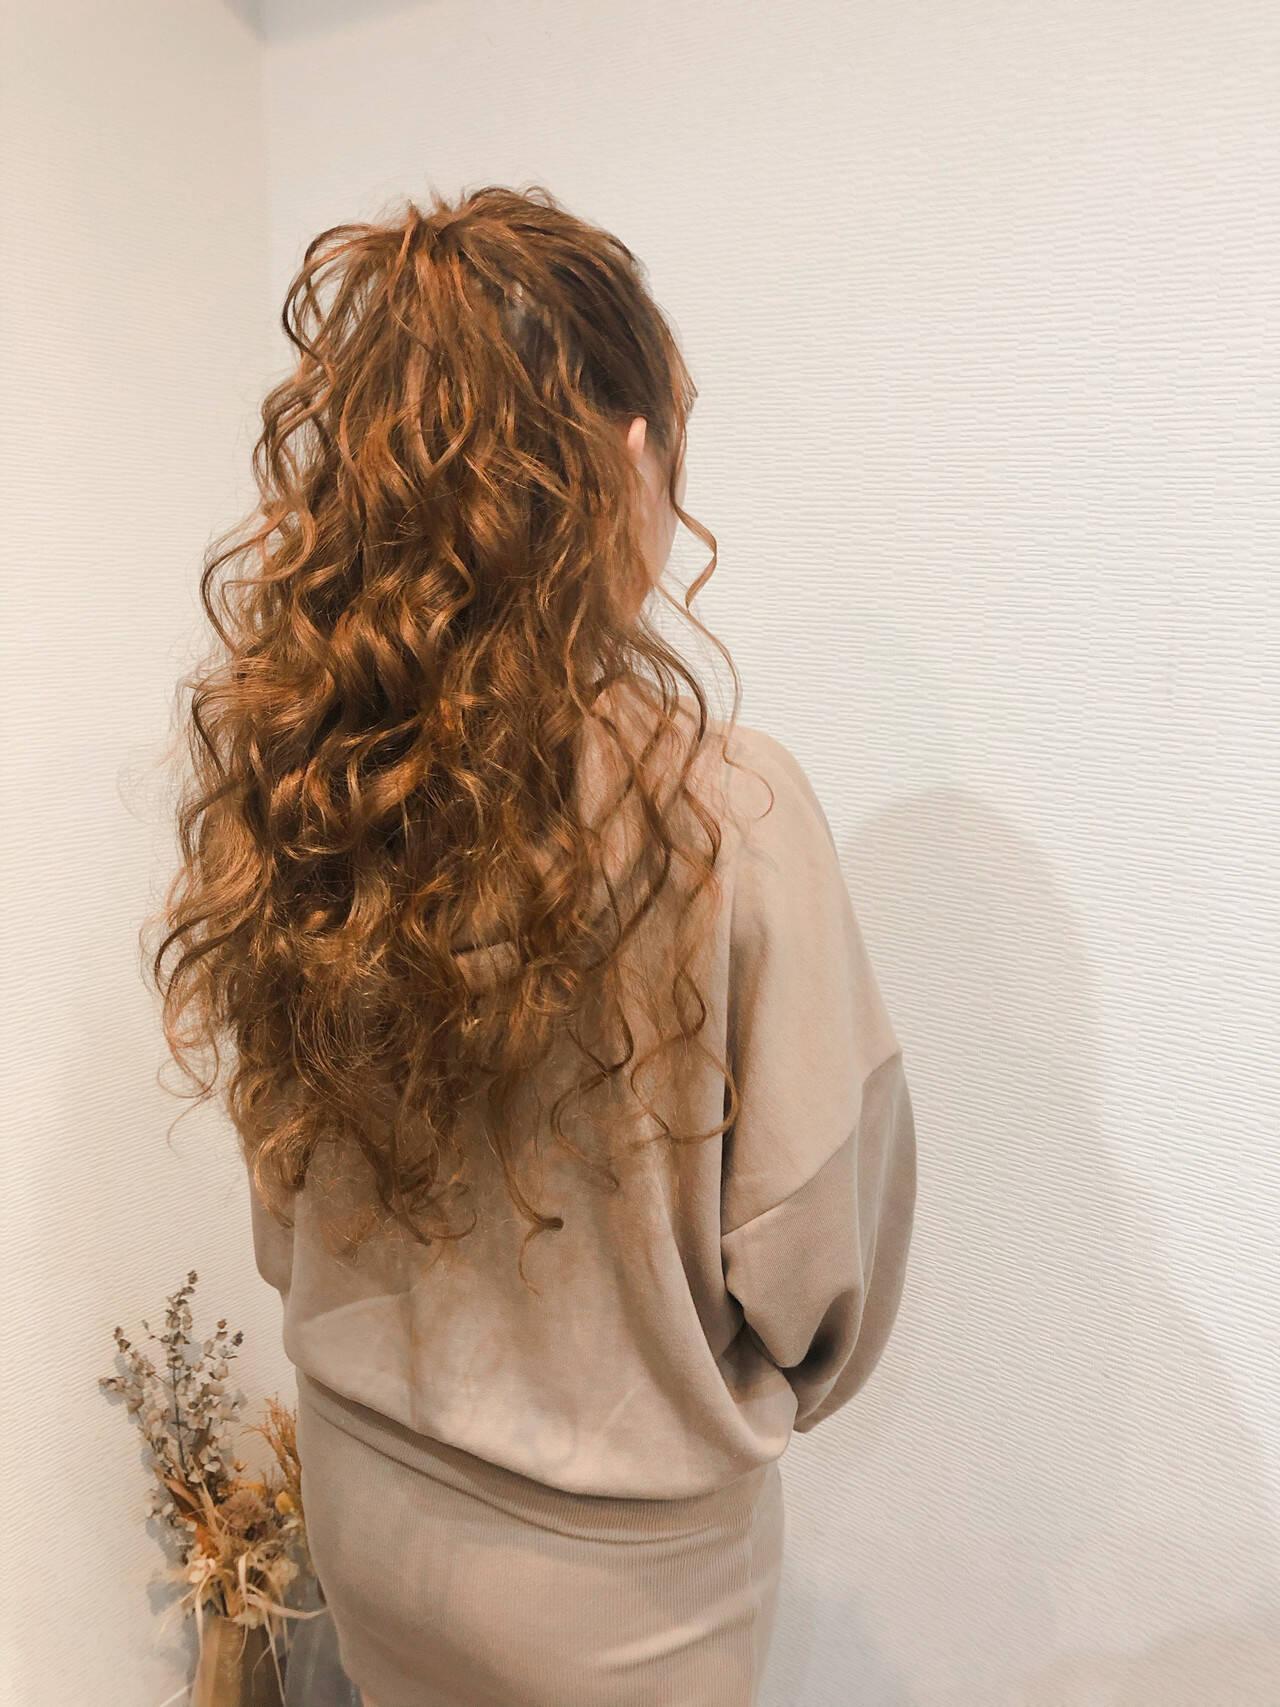 ブライダル ヘアアレンジ 結婚式 ヘアセットヘアスタイルや髪型の写真・画像